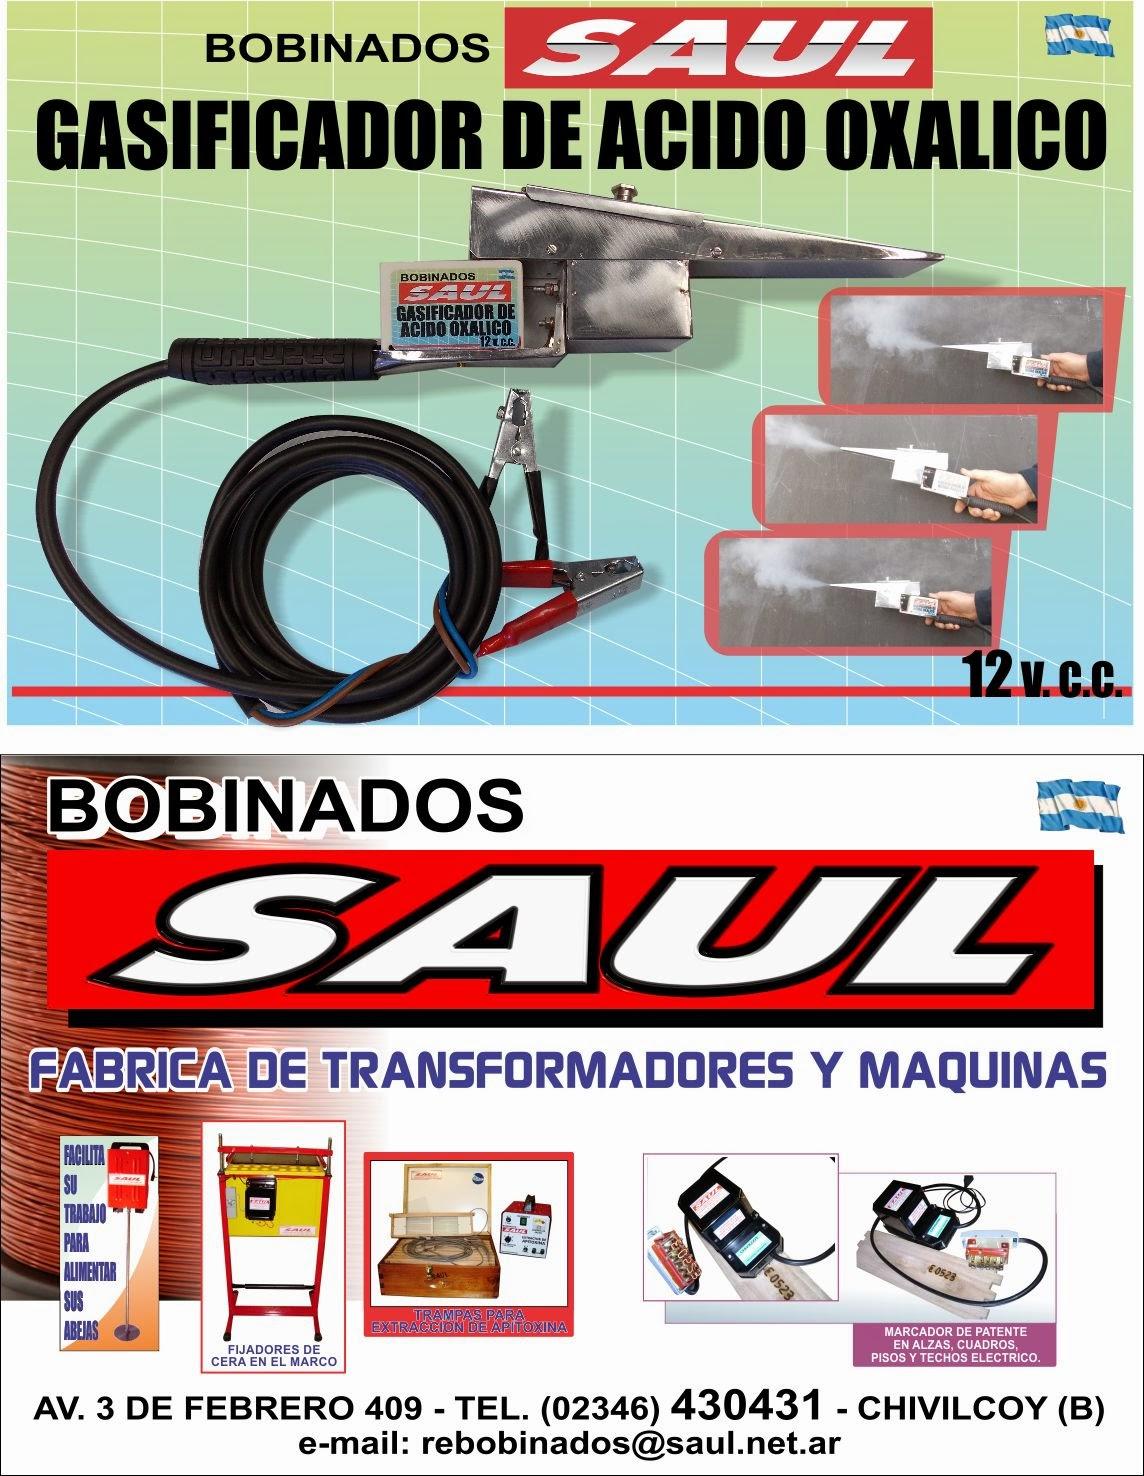 Bobinados Saul